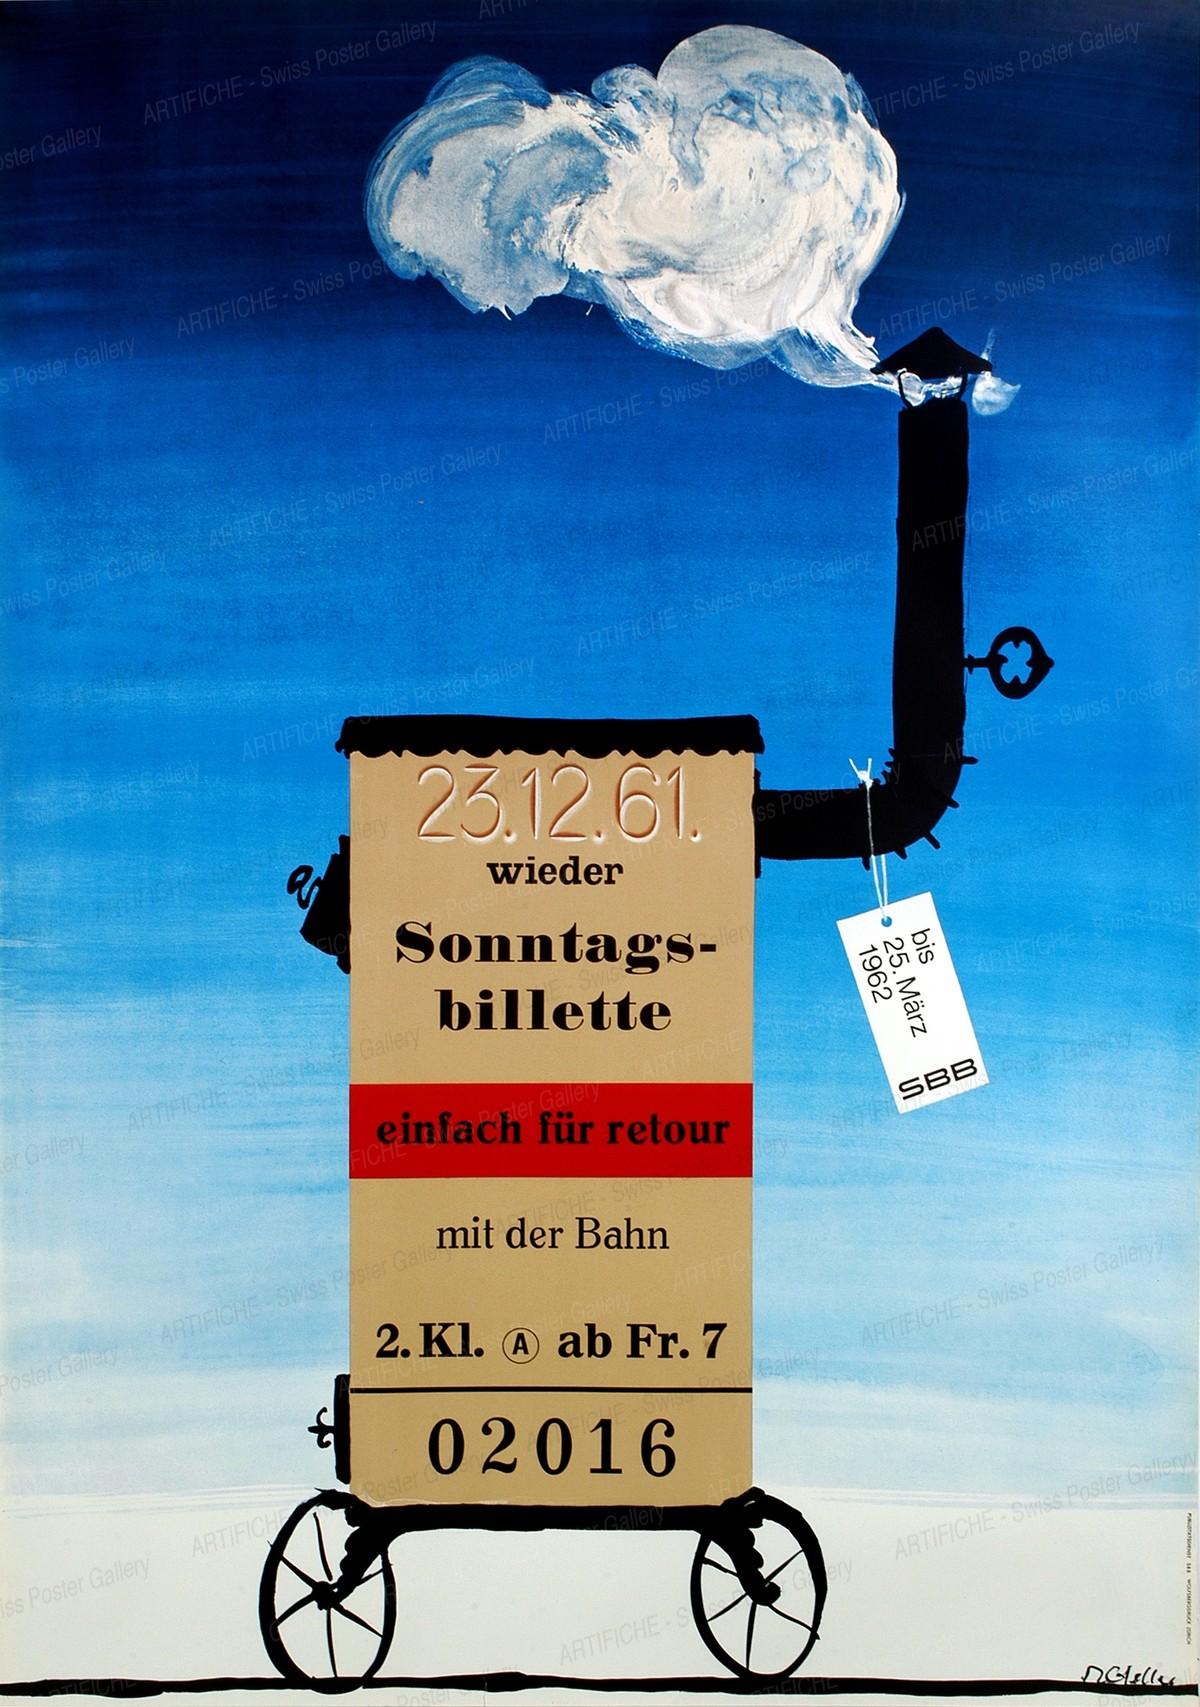 23.12.61 – Wieder Sonntagsbillete mit der Bahn, Rolf Gfeller